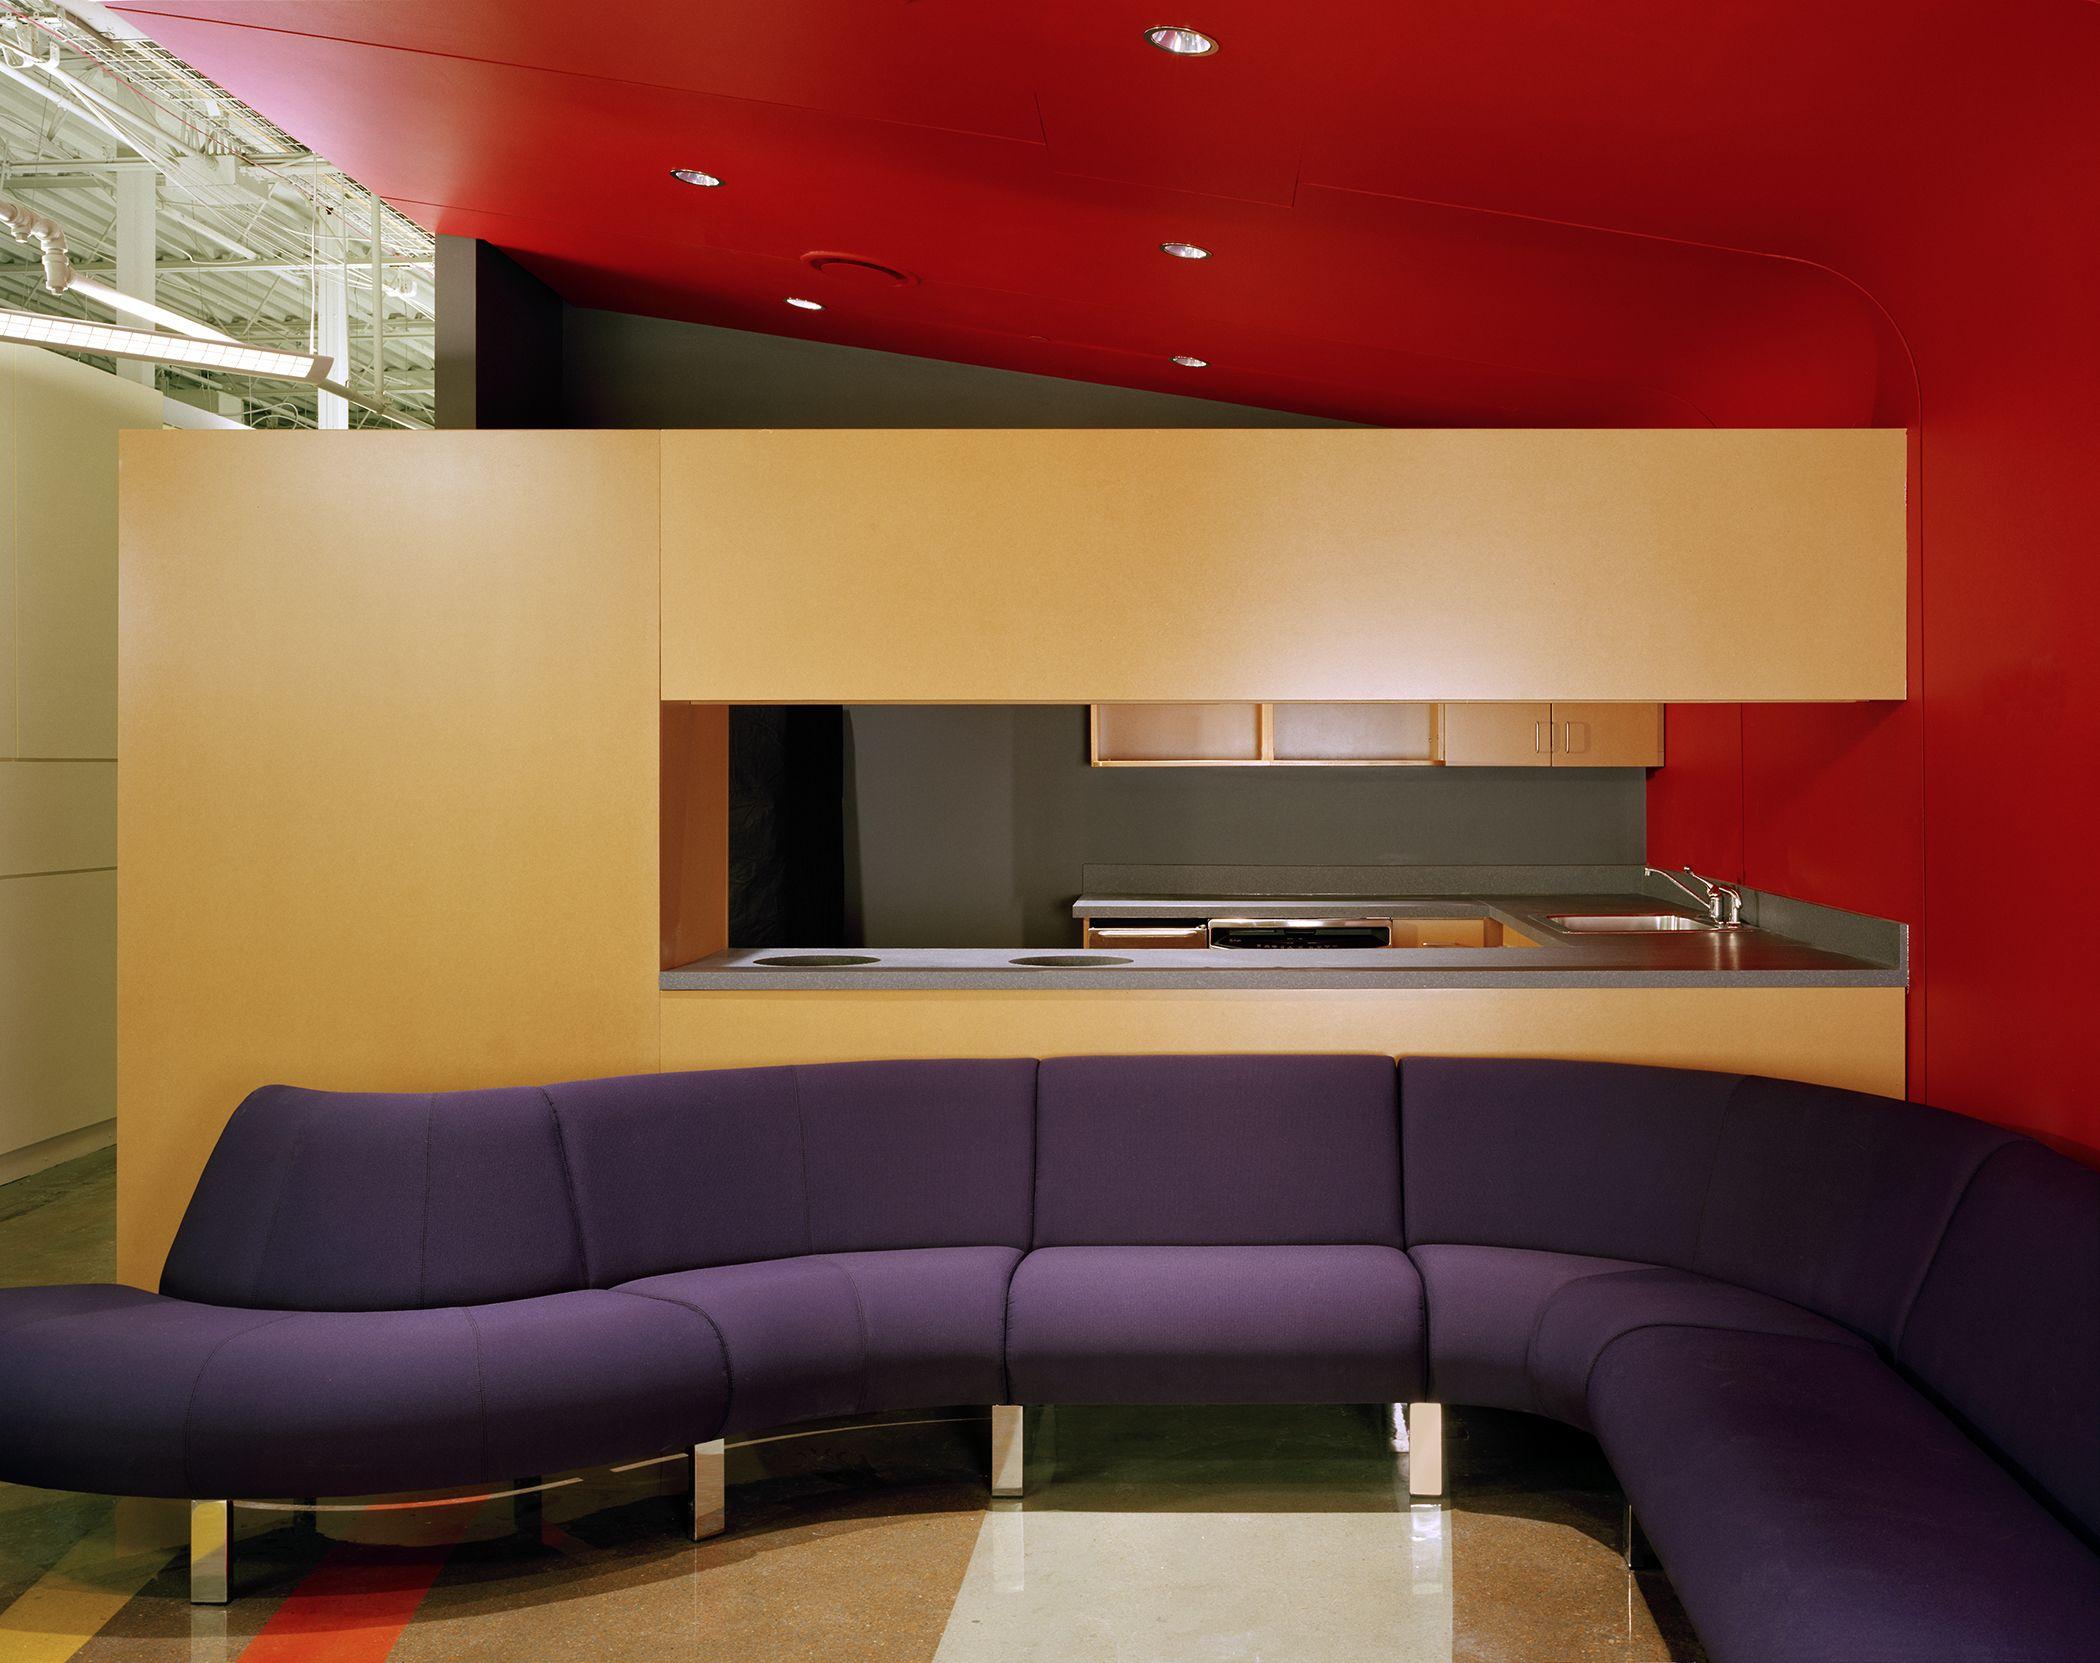 Radius Lounge From Davis Furniture